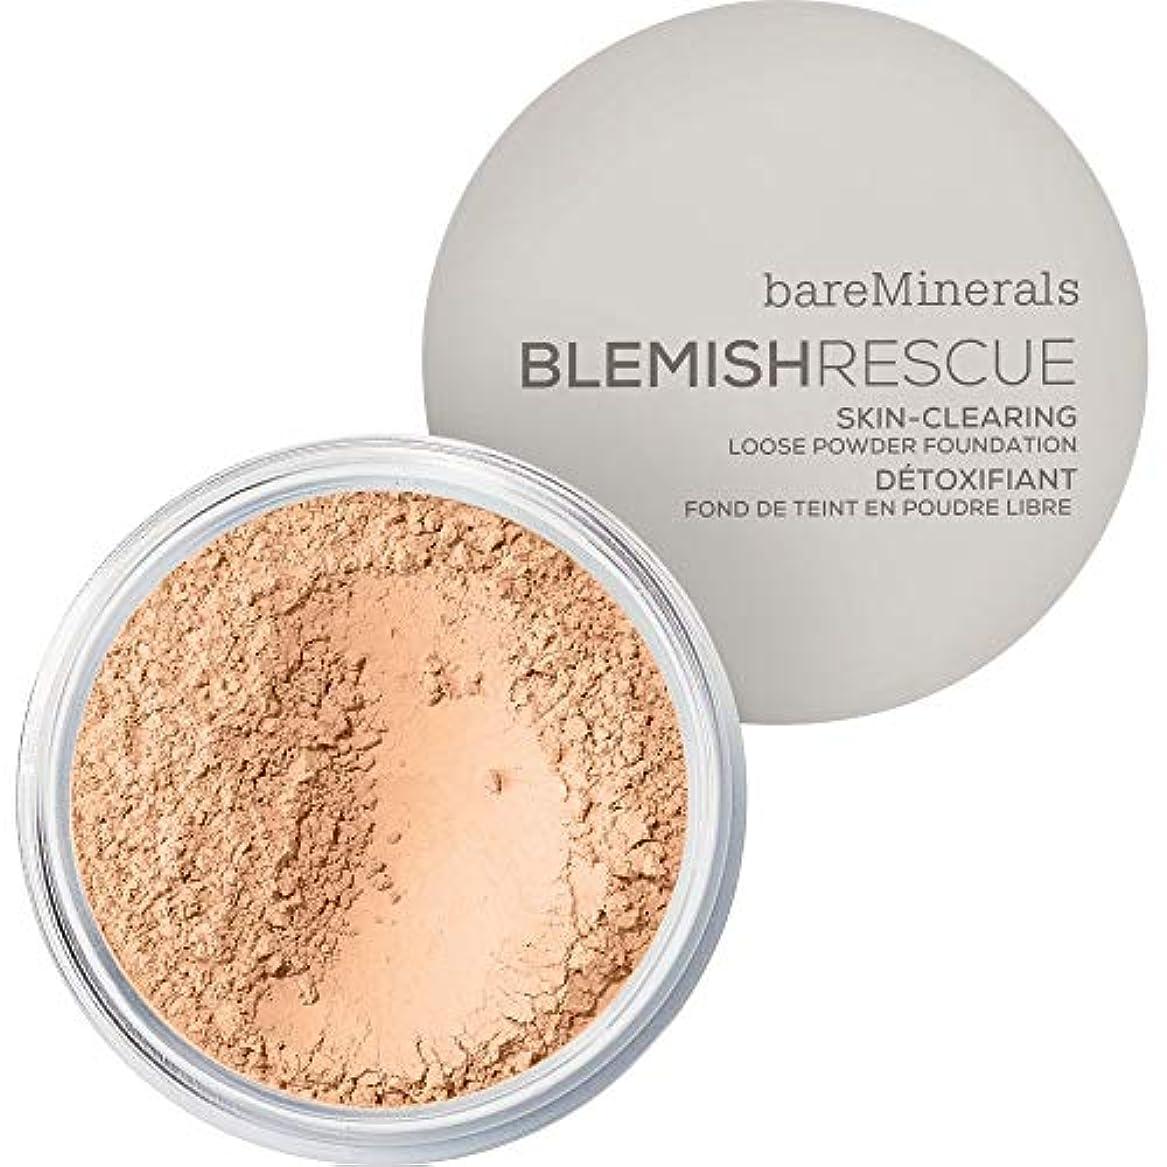 囲まれた表向き差別する[bareMinerals ] ベアミネラル傷レスキュースキンクリア緩いパウダーファンデーションの6グラムの2N - 中立アイボリー - bareMinerals Blemish Rescue Skin-Clearing...